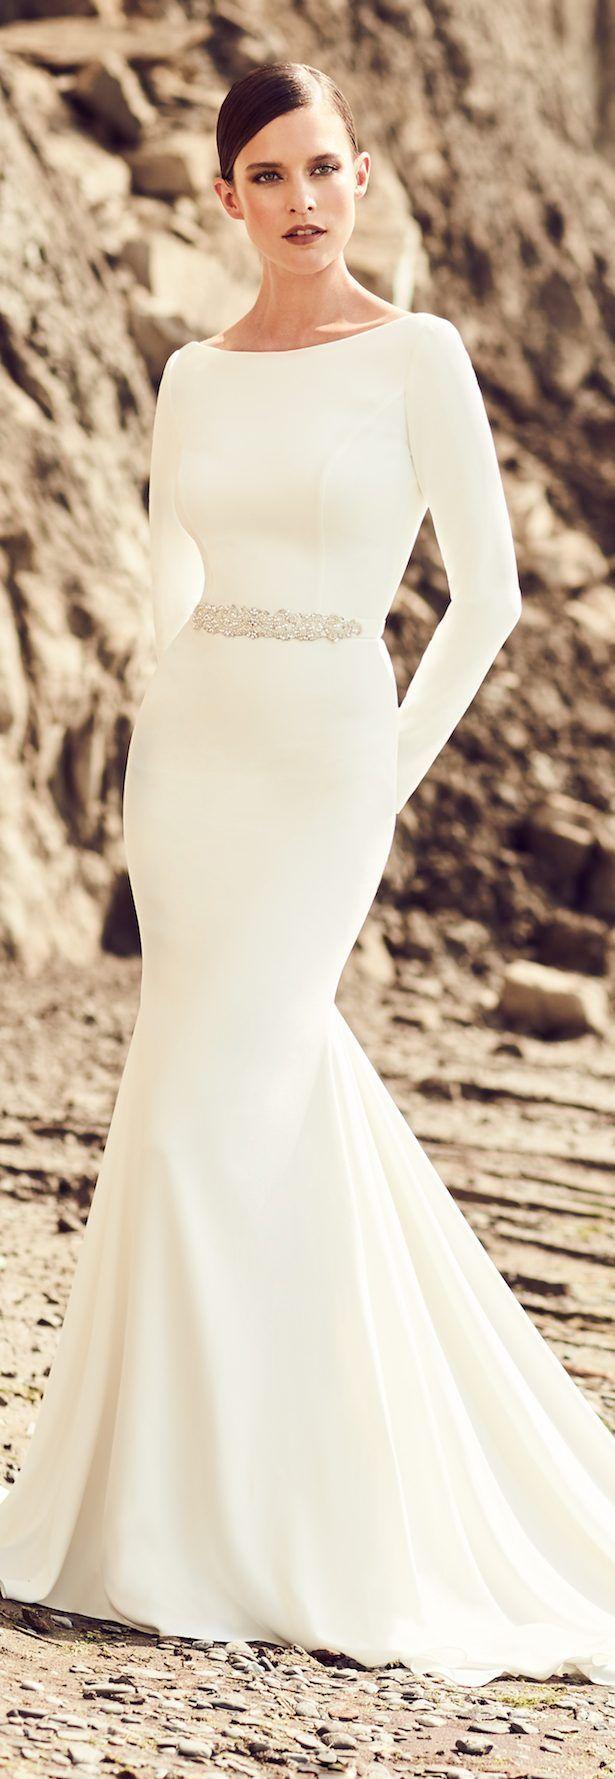 Best 25+ Elegant wedding dress ideas on Pinterest | Wedding ...